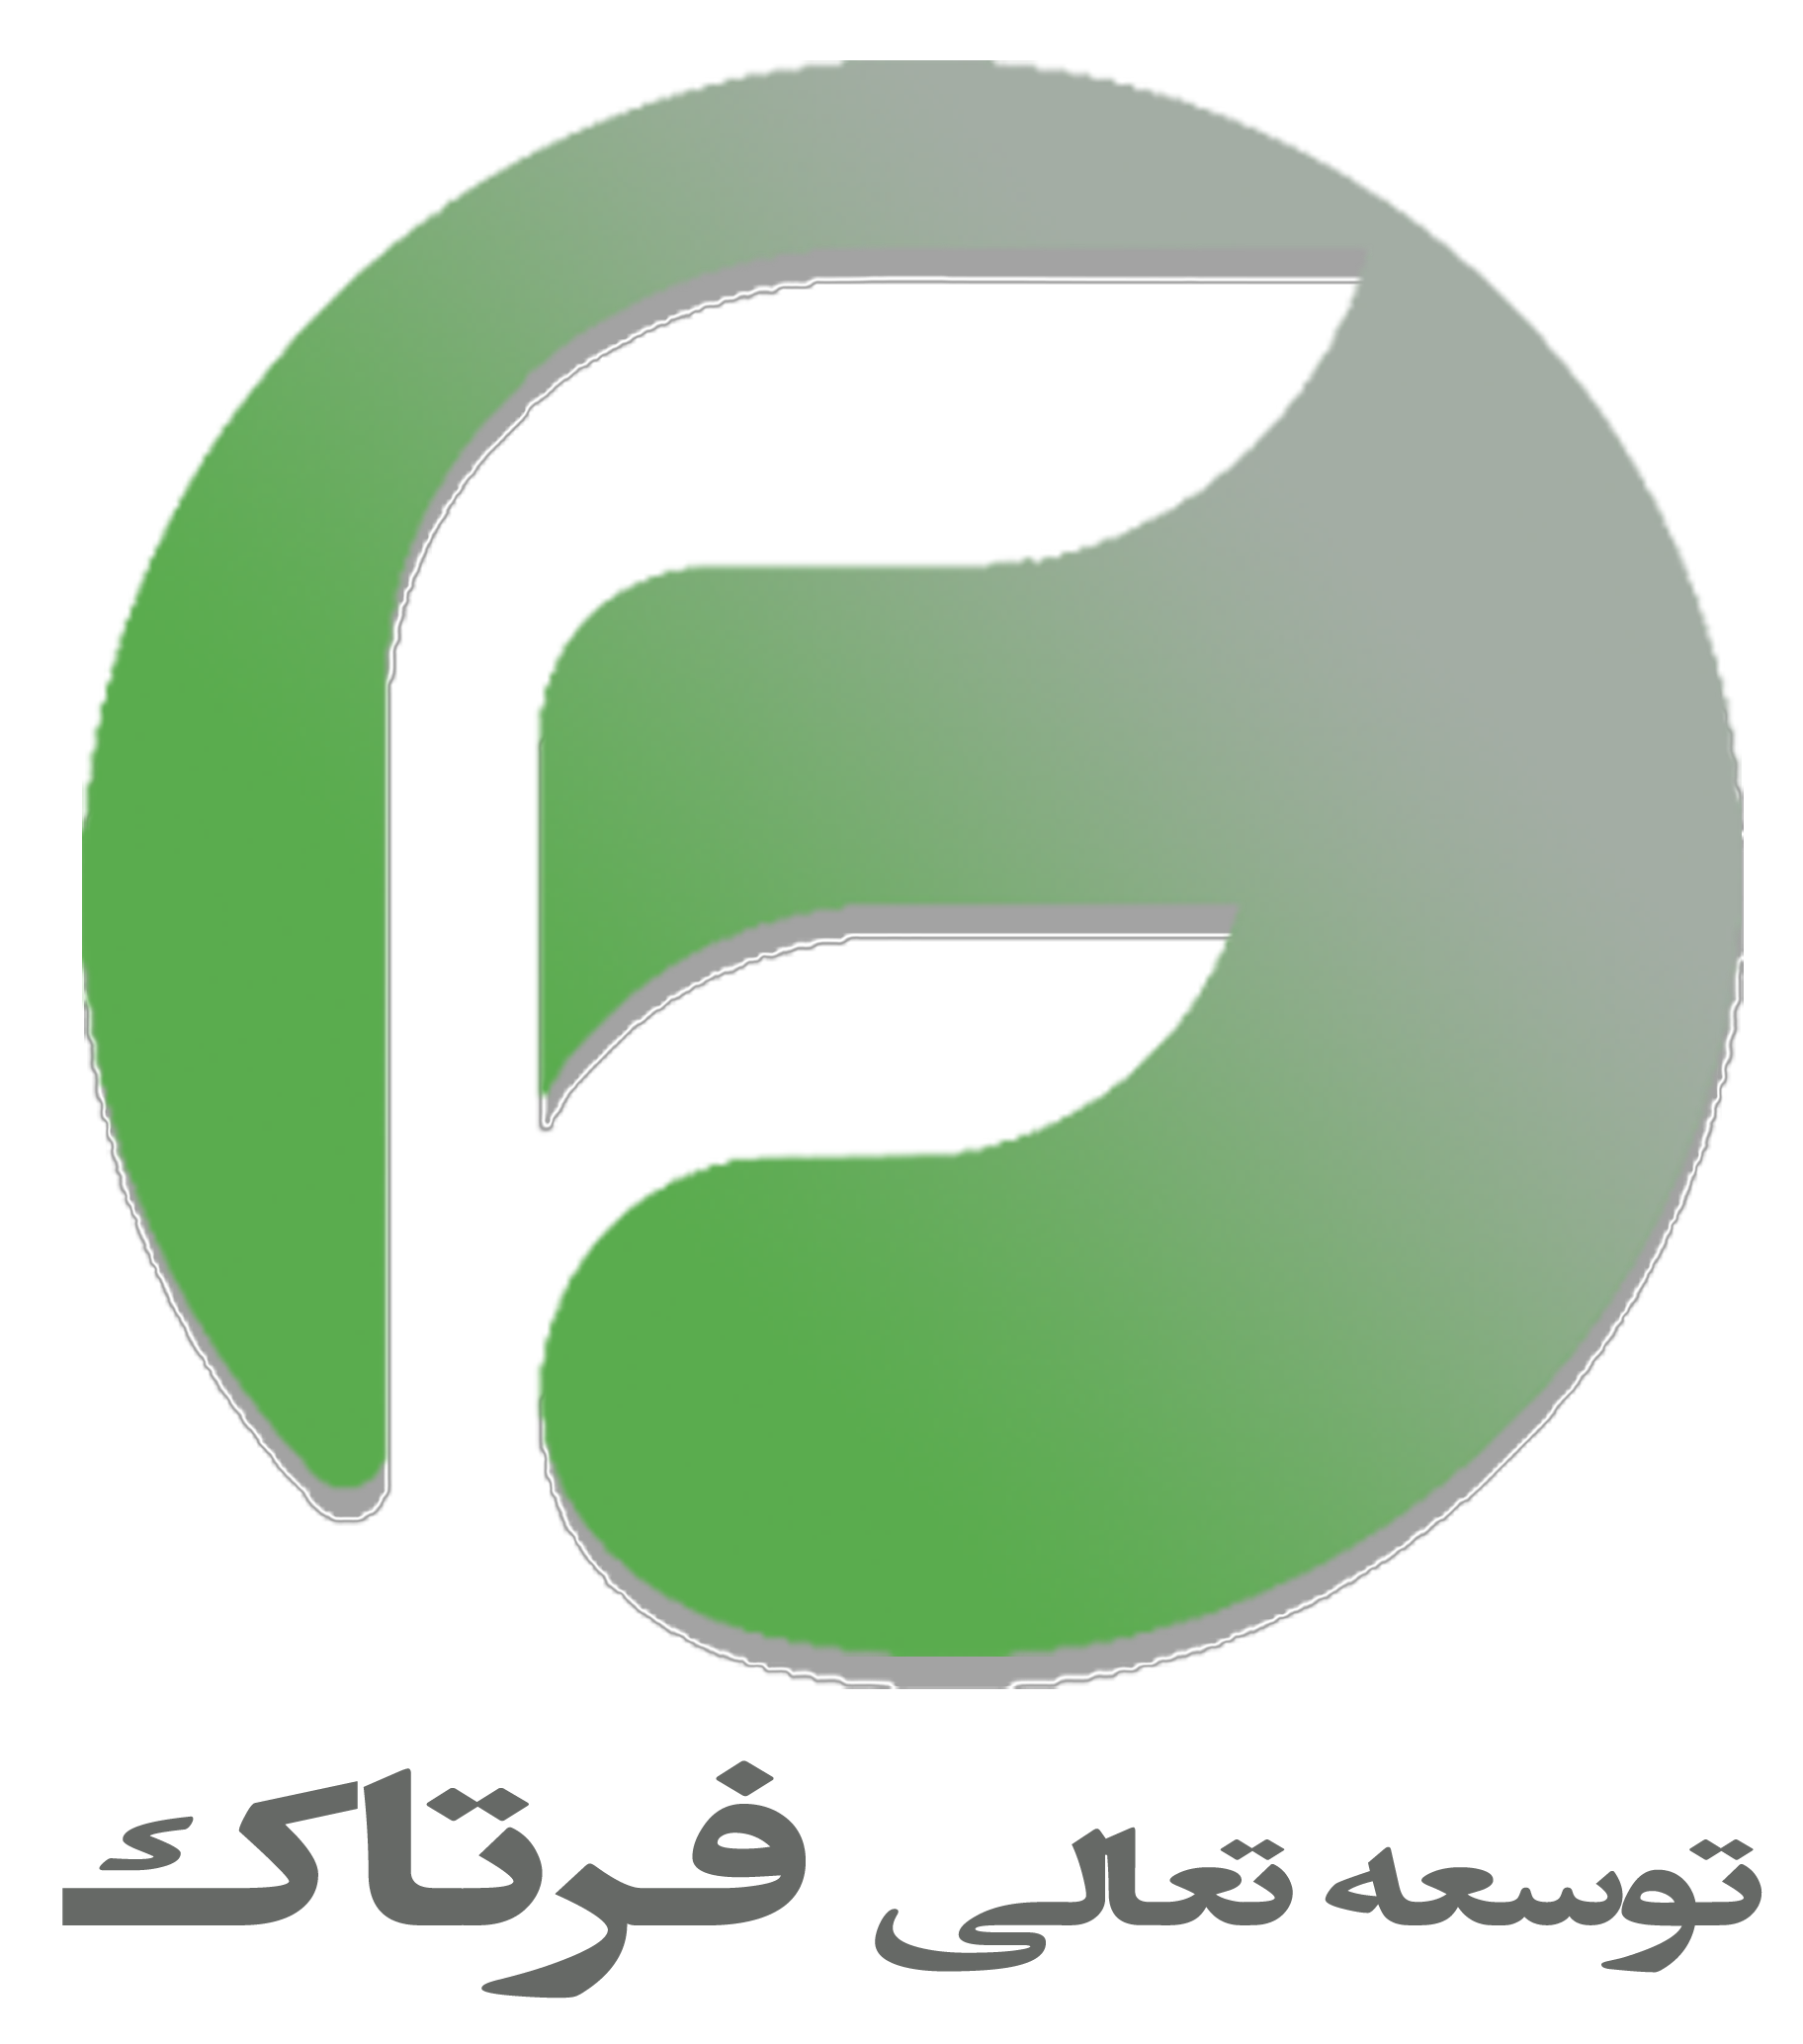 لوگو شرکت توسعه تعالی فرتاک آموزش منابع انسانی